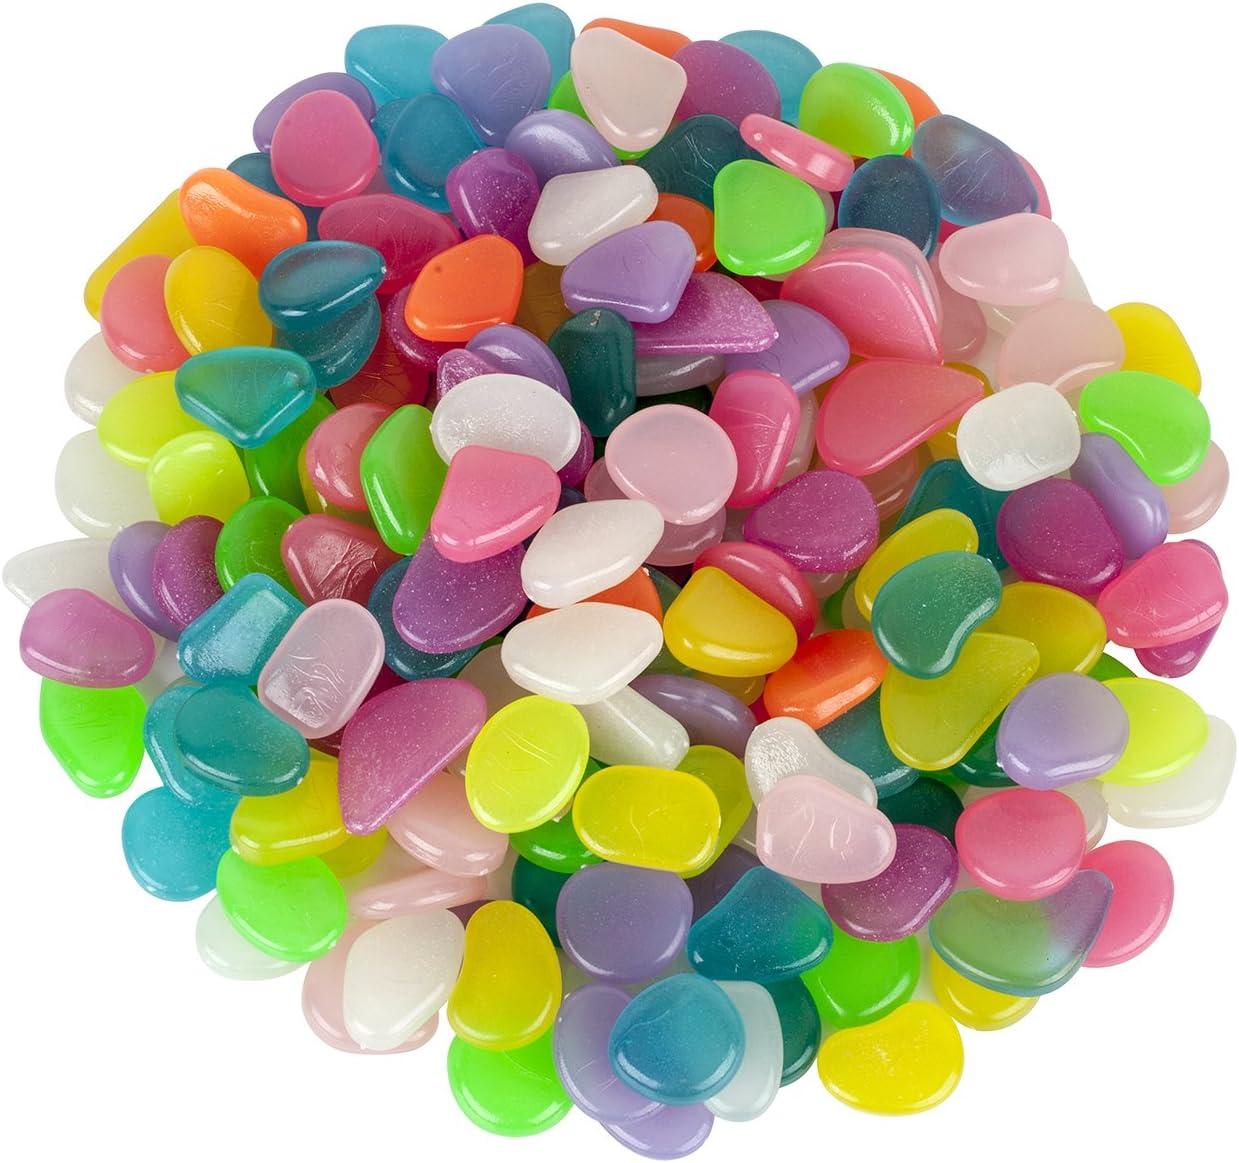 Alexen 200 Piezas de Colores Brillantes guijarros del jardín, Brillan en la Piedra Decorativa Oscura para la decoración de los pasillos, Piedras Luminosas para el pote de Las Plantas